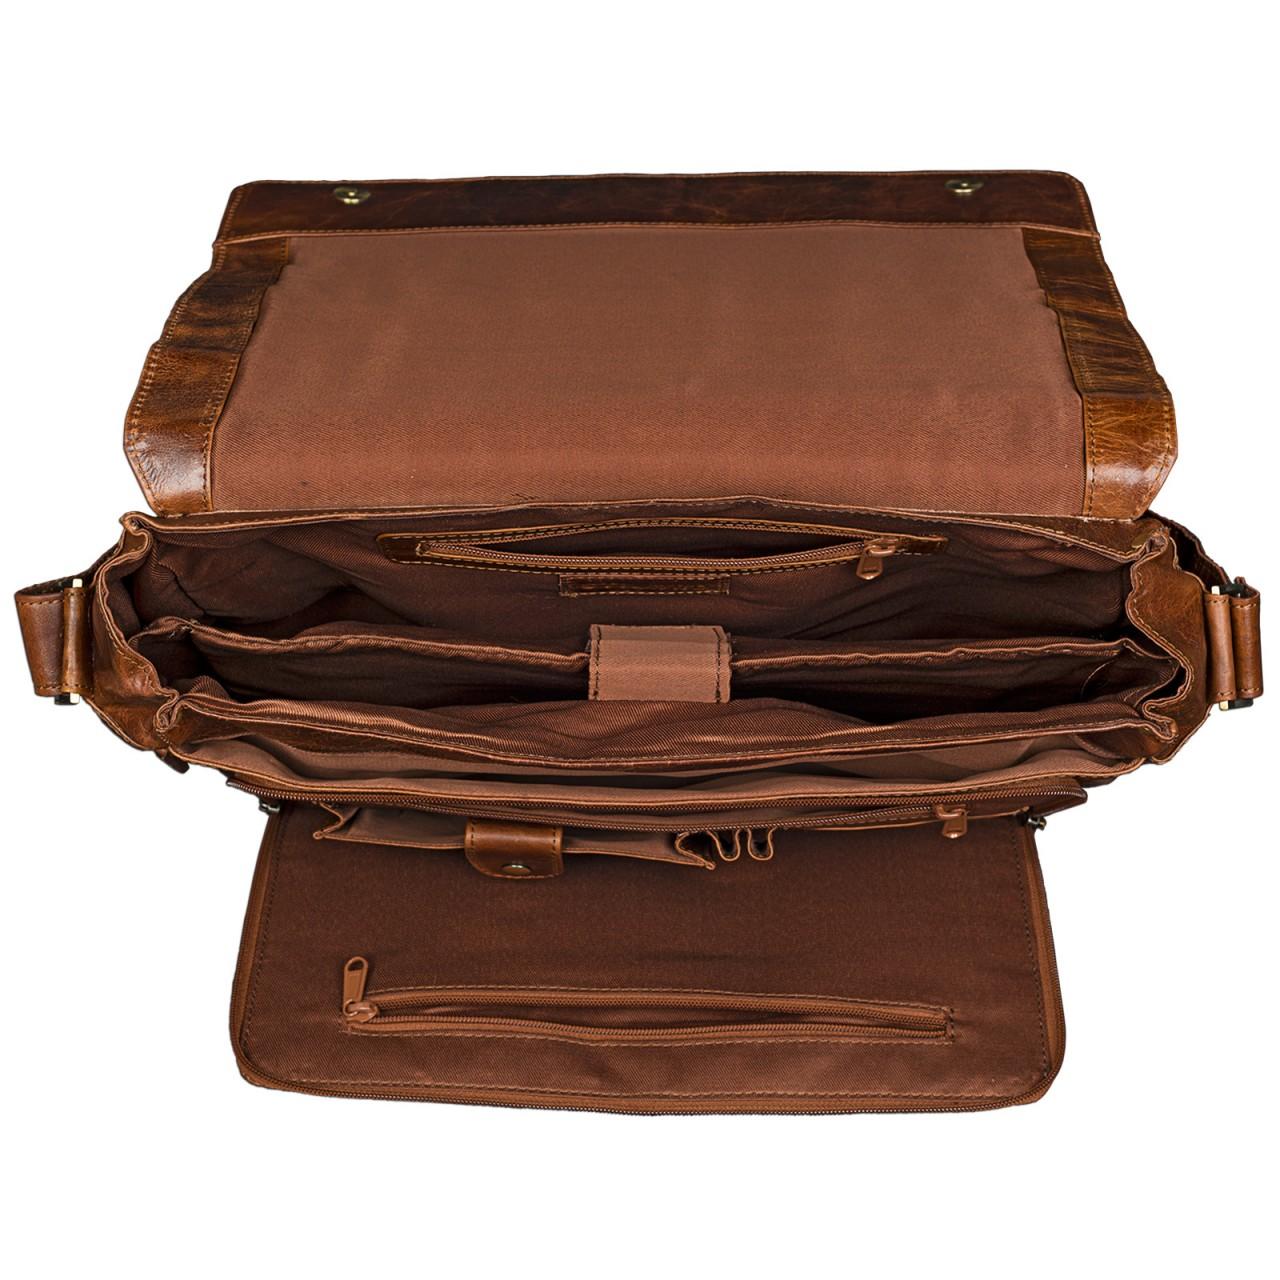 B-WARE STILORD 15,6 Zoll Laptoptasche Leder Umhängetasche Unitasche Aktentasche Freizeit Bürotasche Vintage Antik-Leder braun - Bild 5